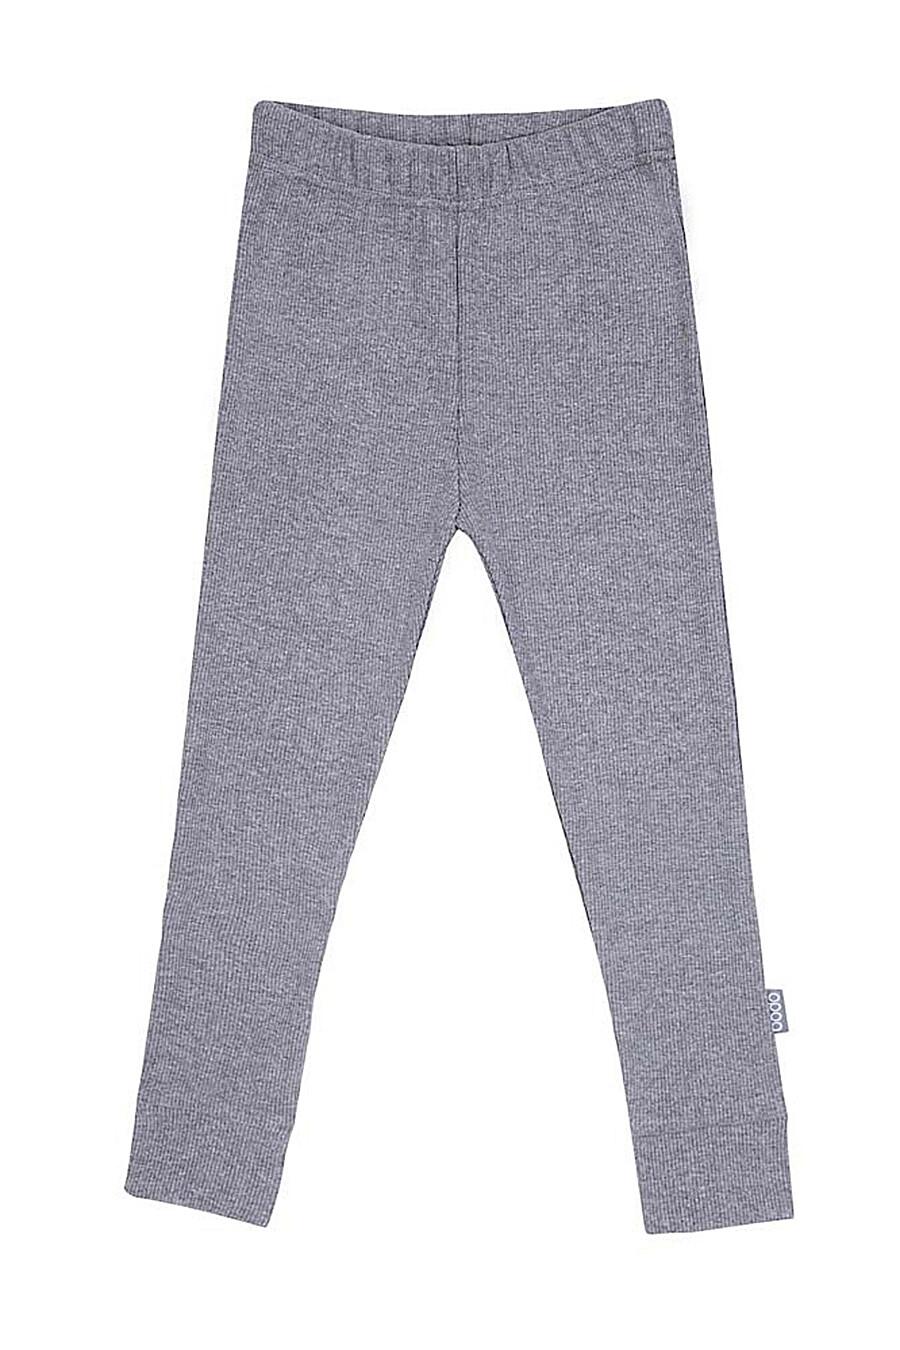 Леггинсы для девочек BODO 288753 купить оптом от производителя. Совместная покупка детской одежды в OptMoyo